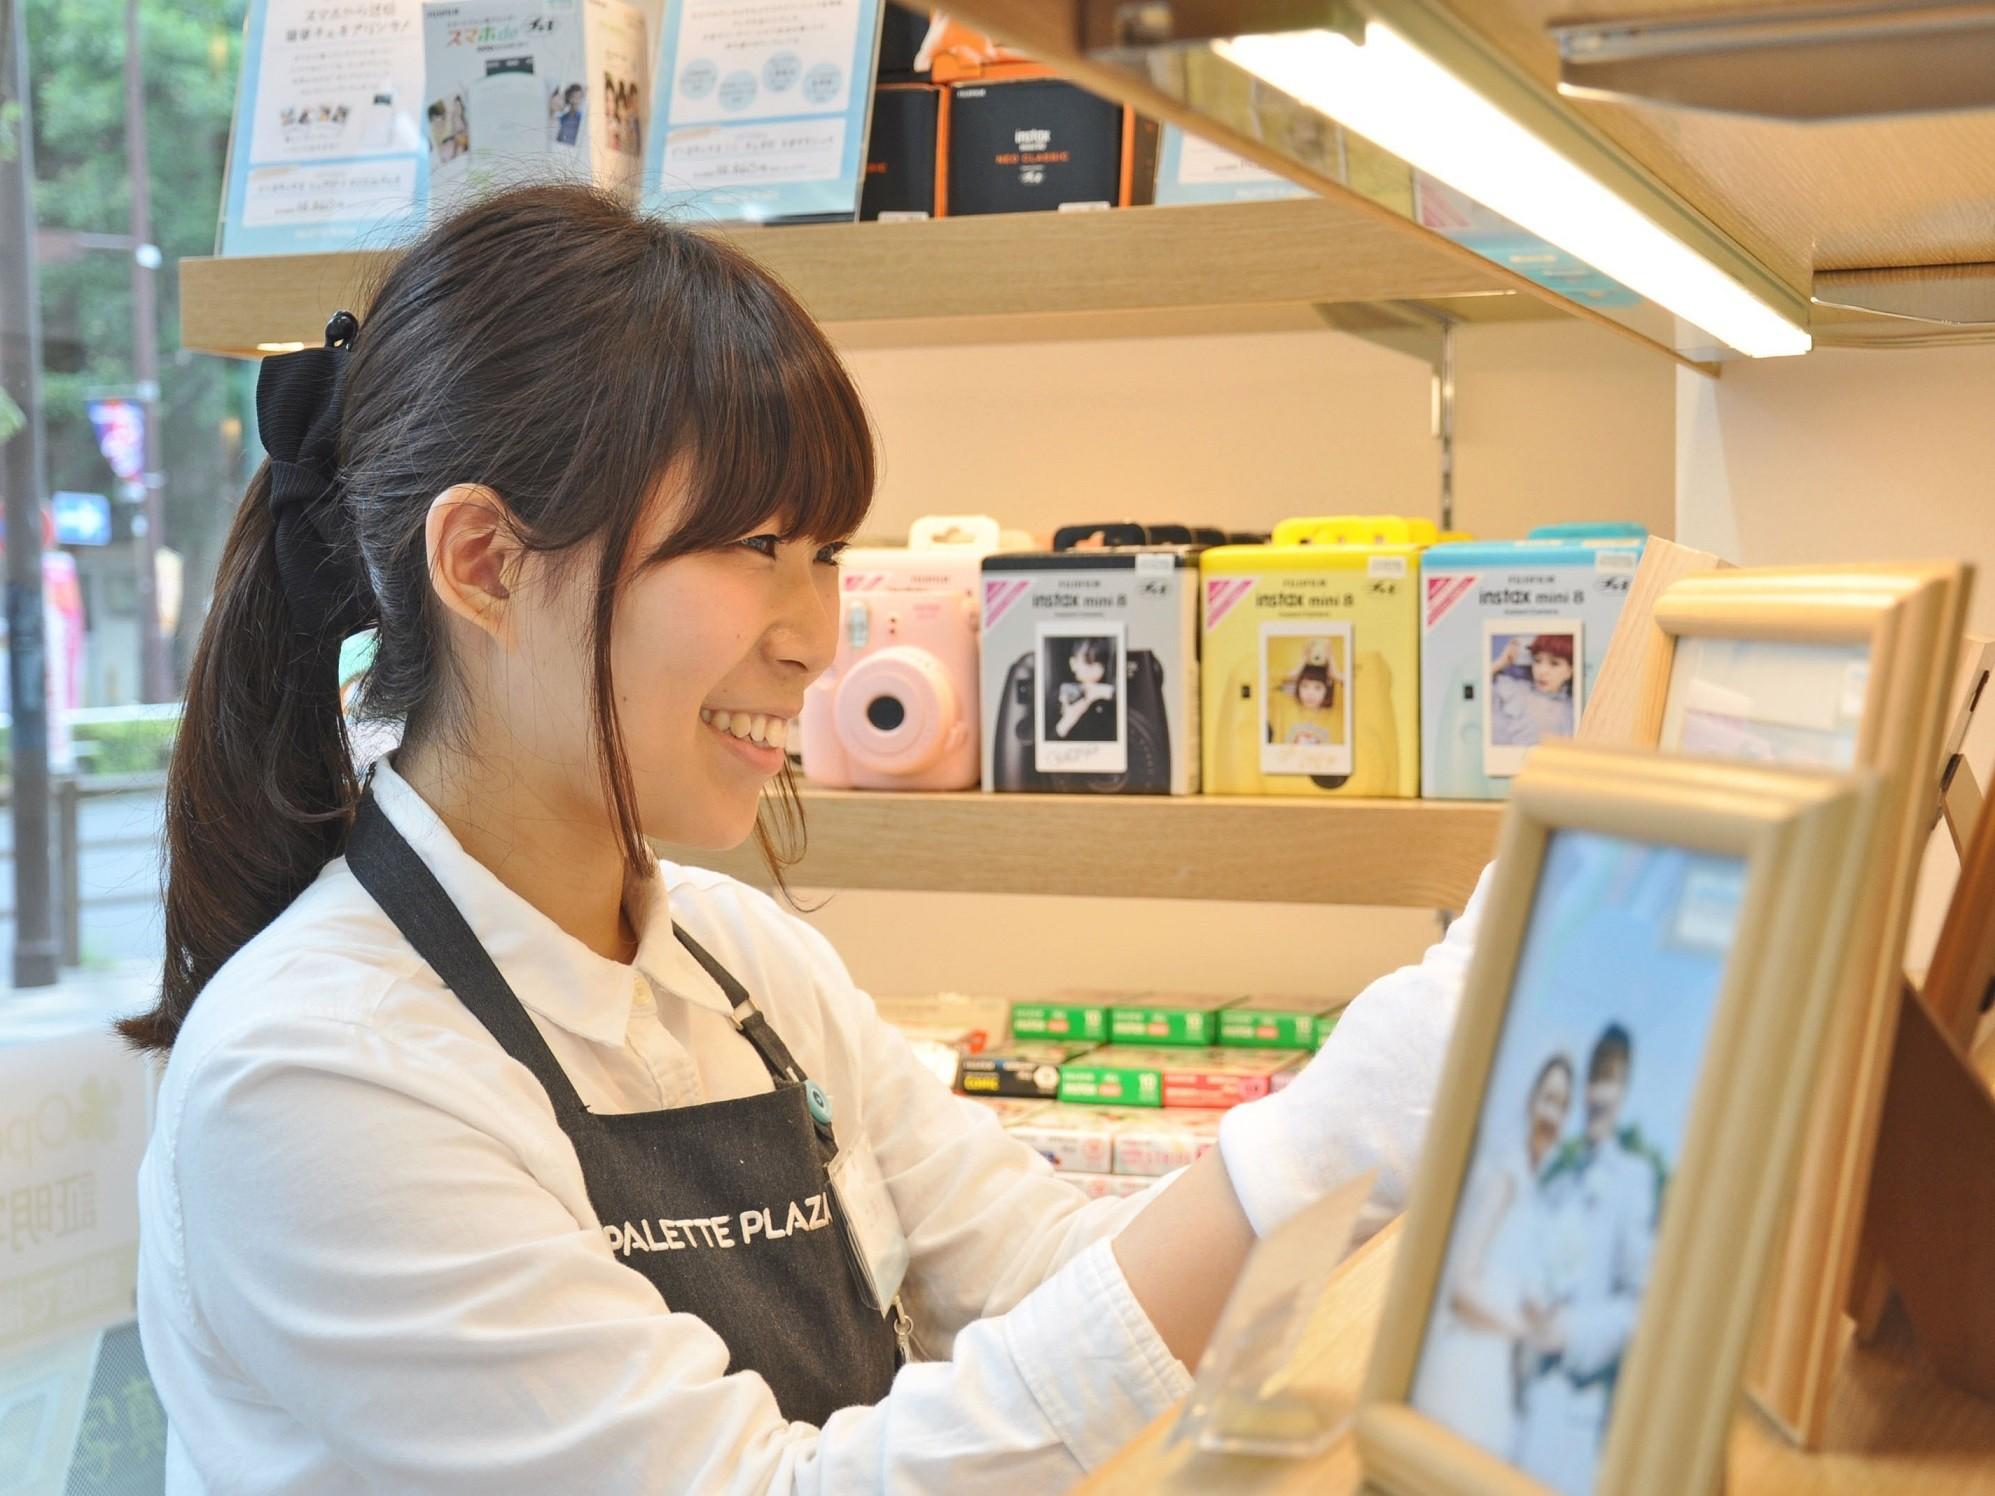 パレットプラザ 茅ヶ崎駅前店<短期募集>のアルバイト情報